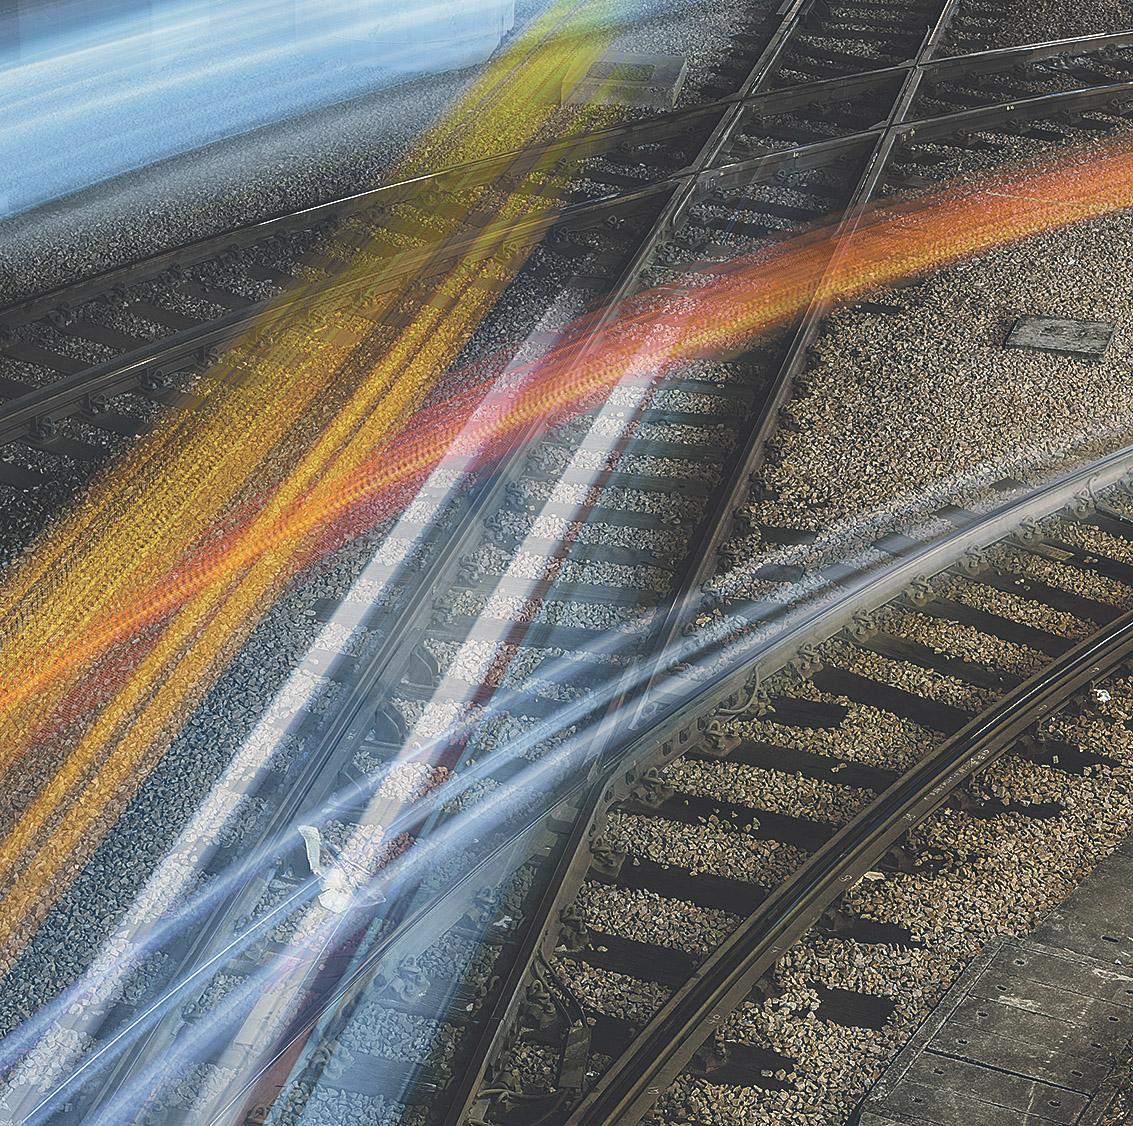 Gleise mit Lichtreflexionen; Thema: Logistik 4.0